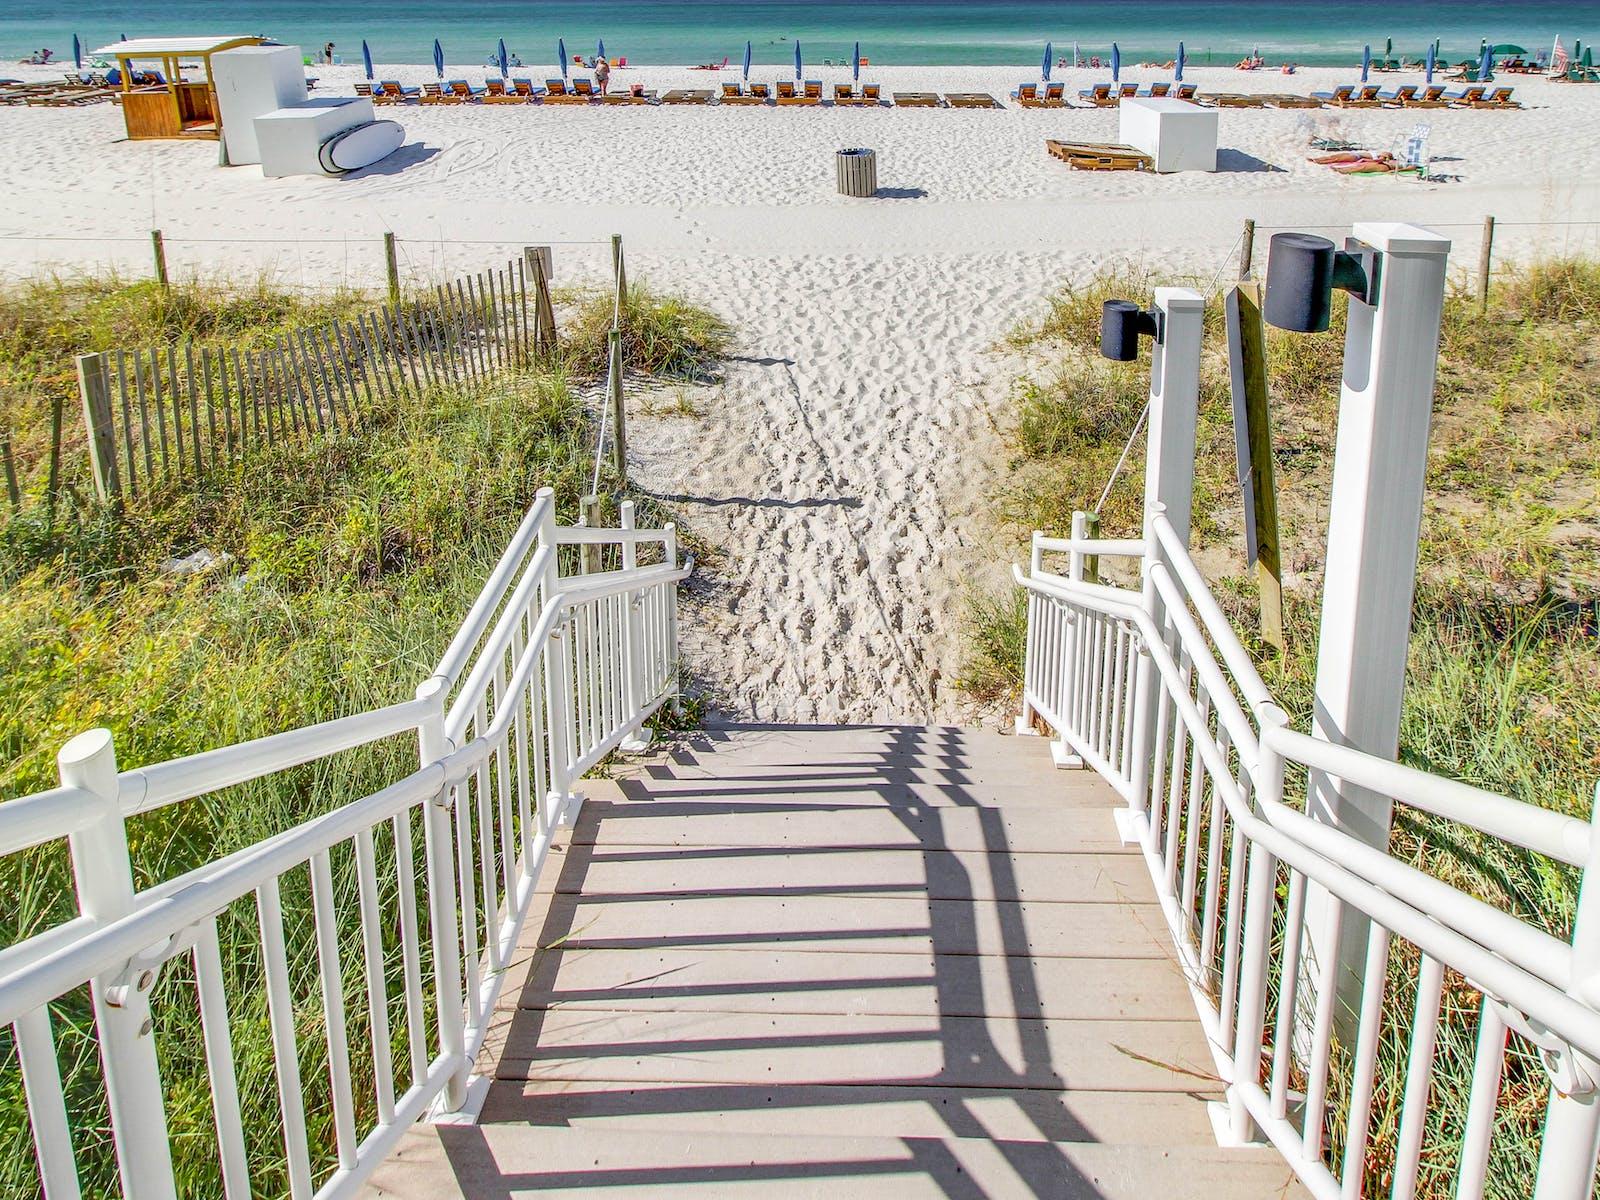 Walkway down to beach in Panama City Beach, FL